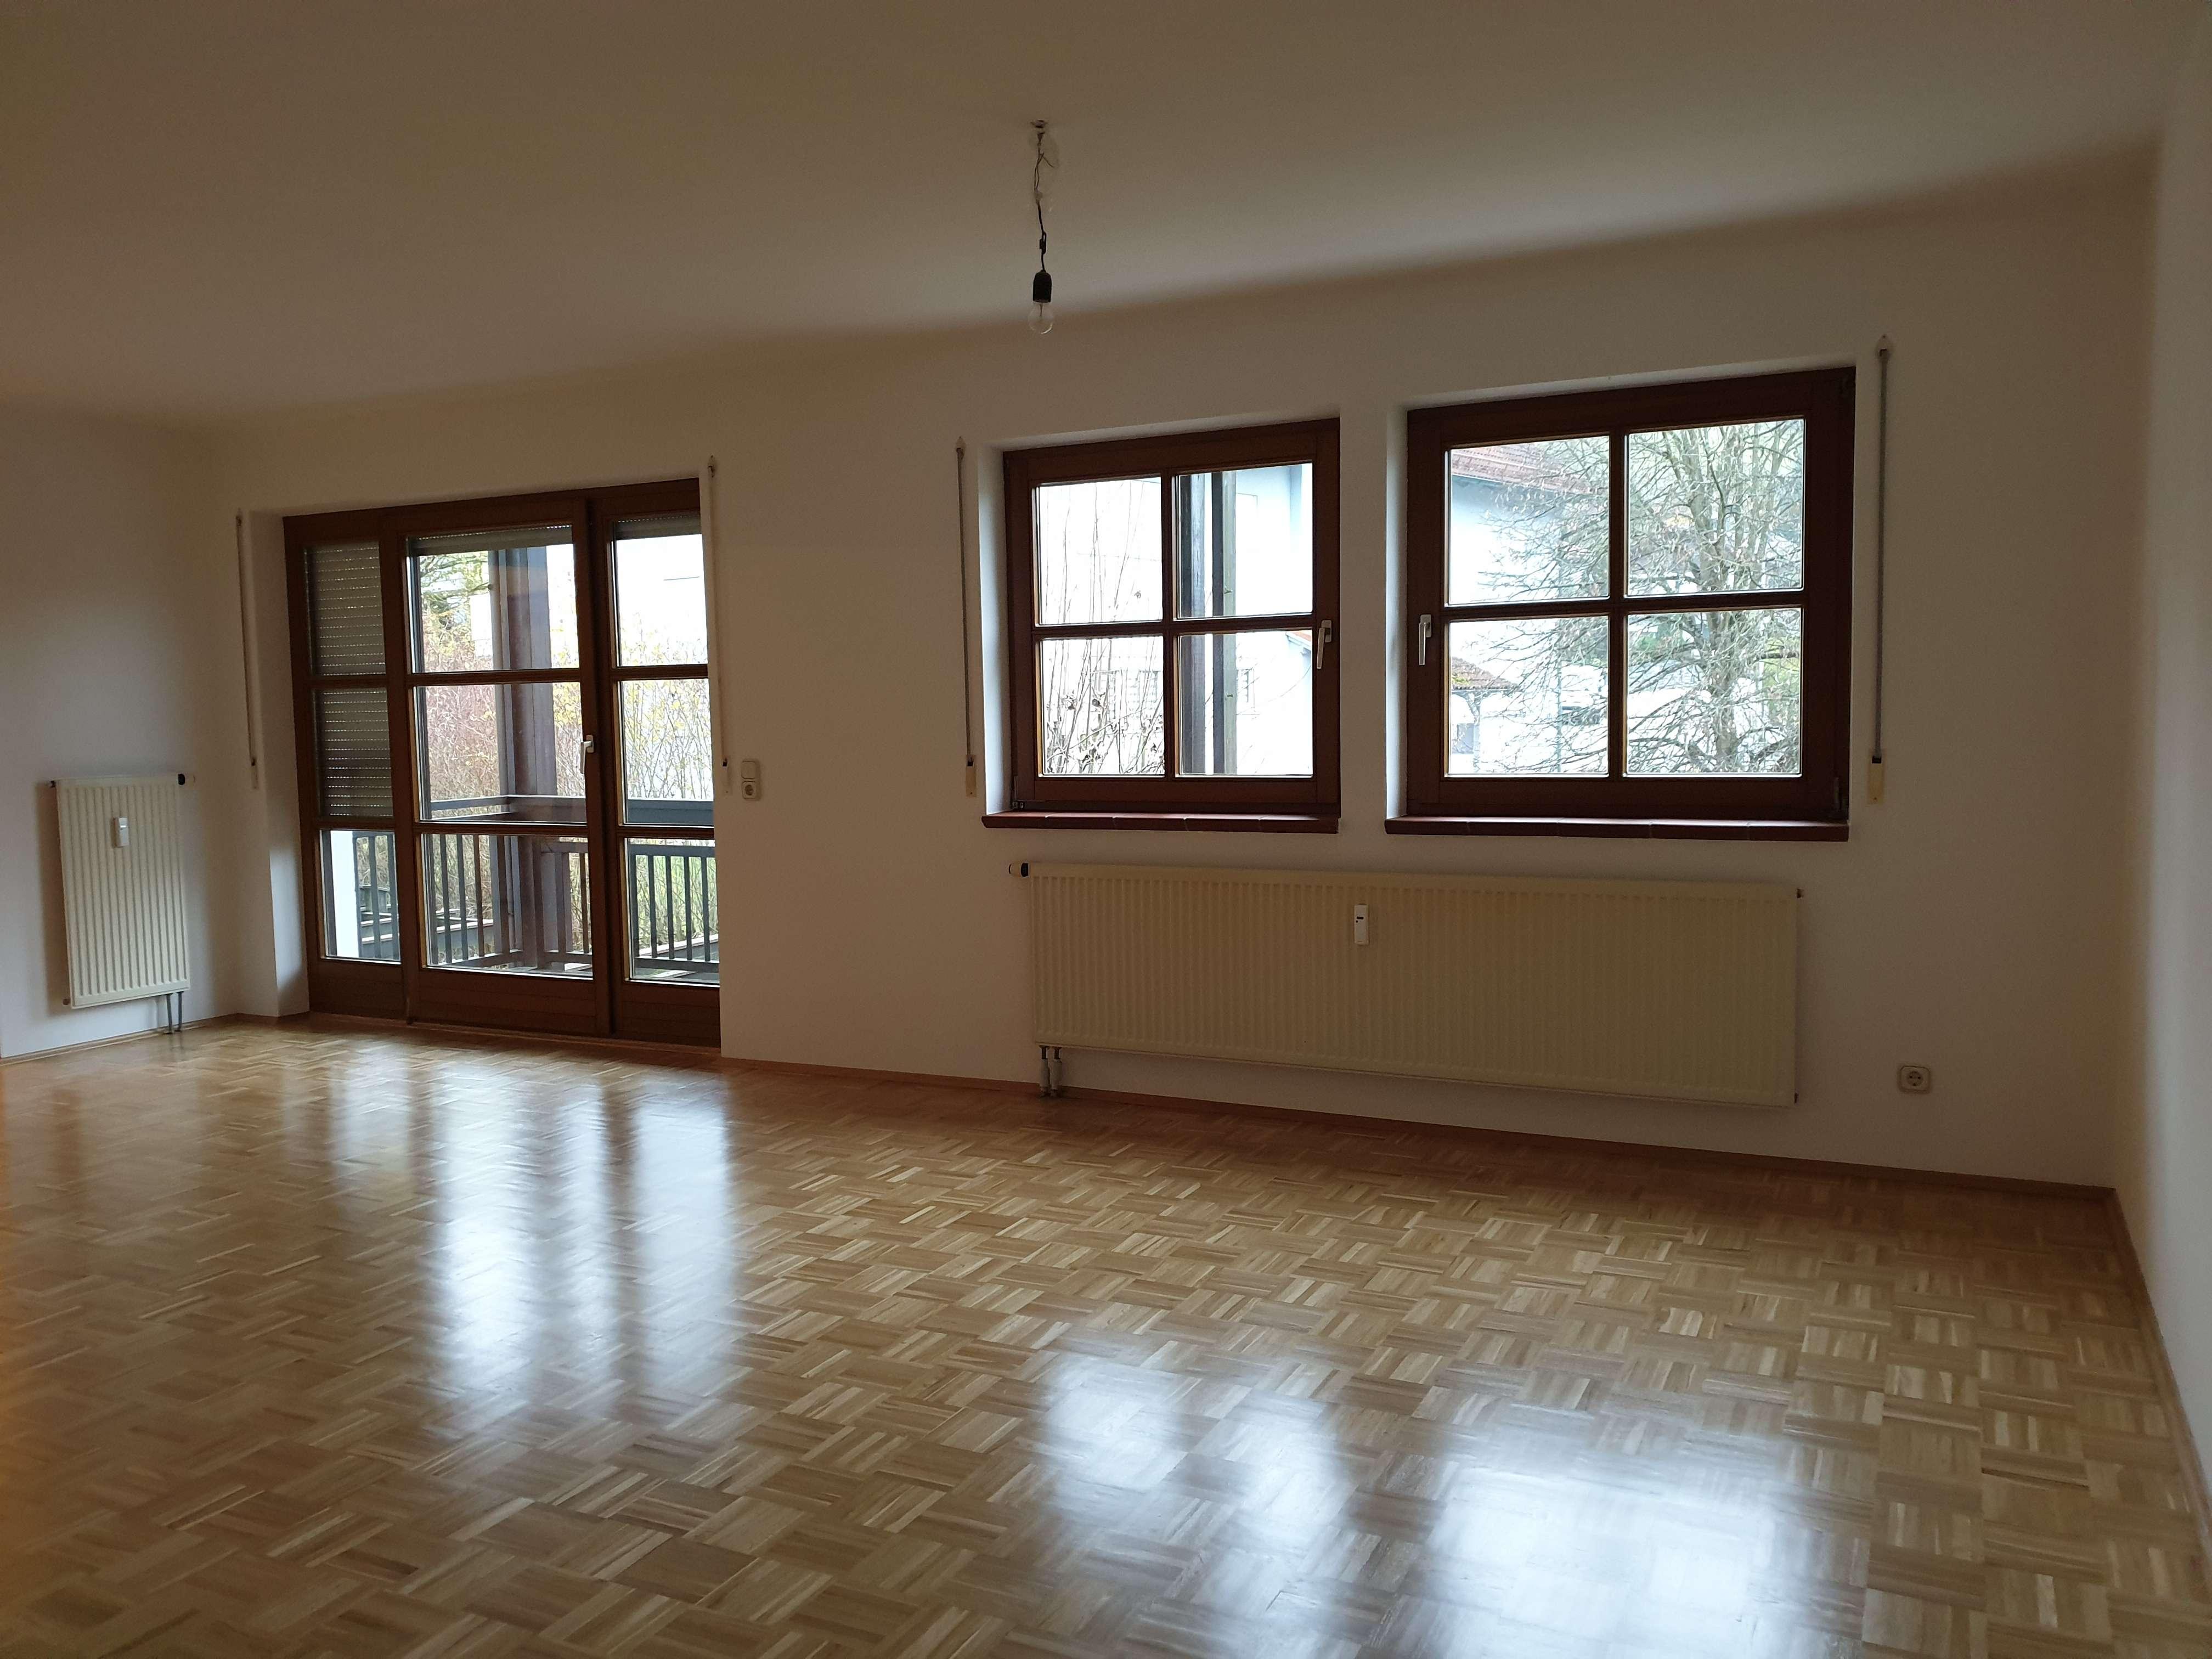 Gepflegte Wohnung mit drei Zimmern und Balkon in Vilshofen in